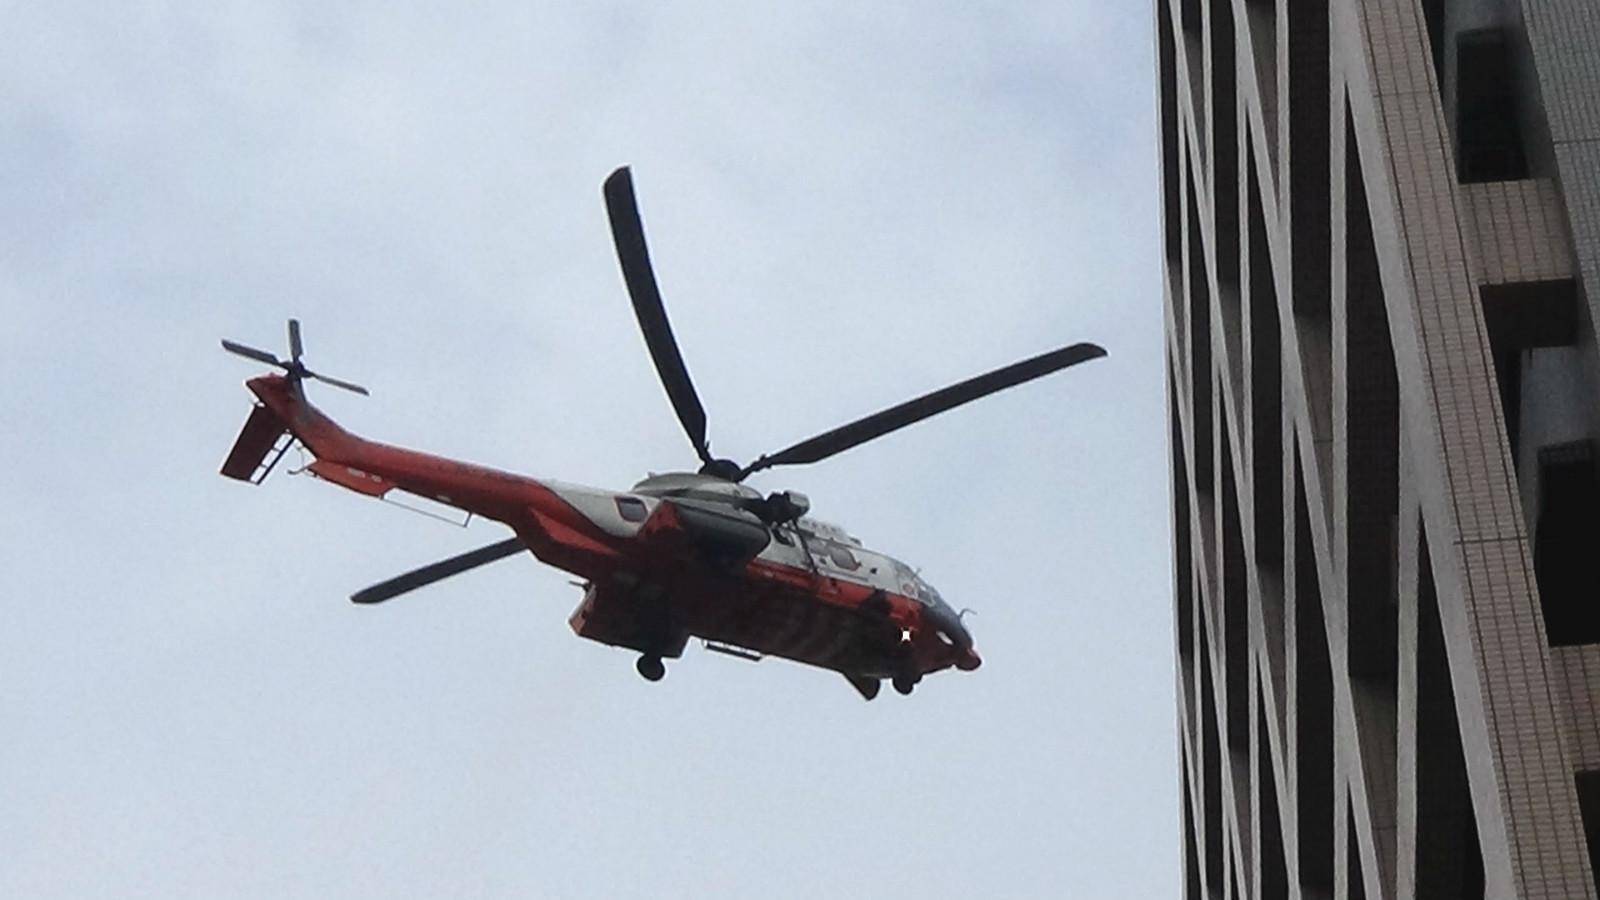 政府飛行服務隊運送的病人或有需要轉送其他醫院。資料圖片